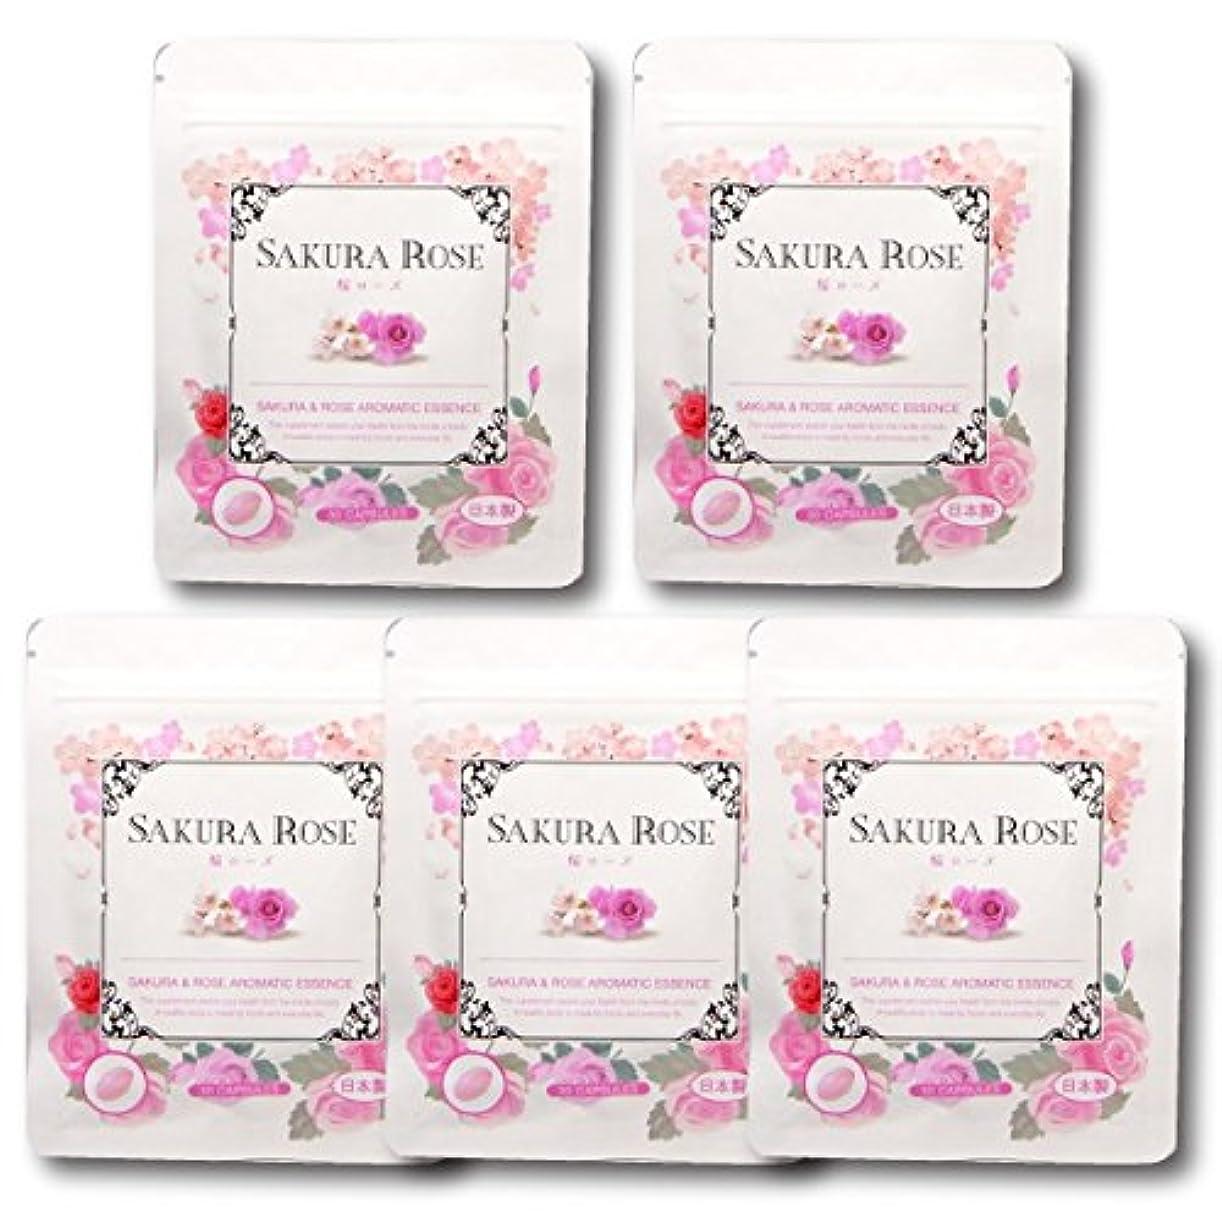 崇拝するアロングテスピアンローズサプリ 濃縮生 桜ローズ 5袋セット150日分 濃厚成分がとろ~り 体臭、口臭ケアに人気